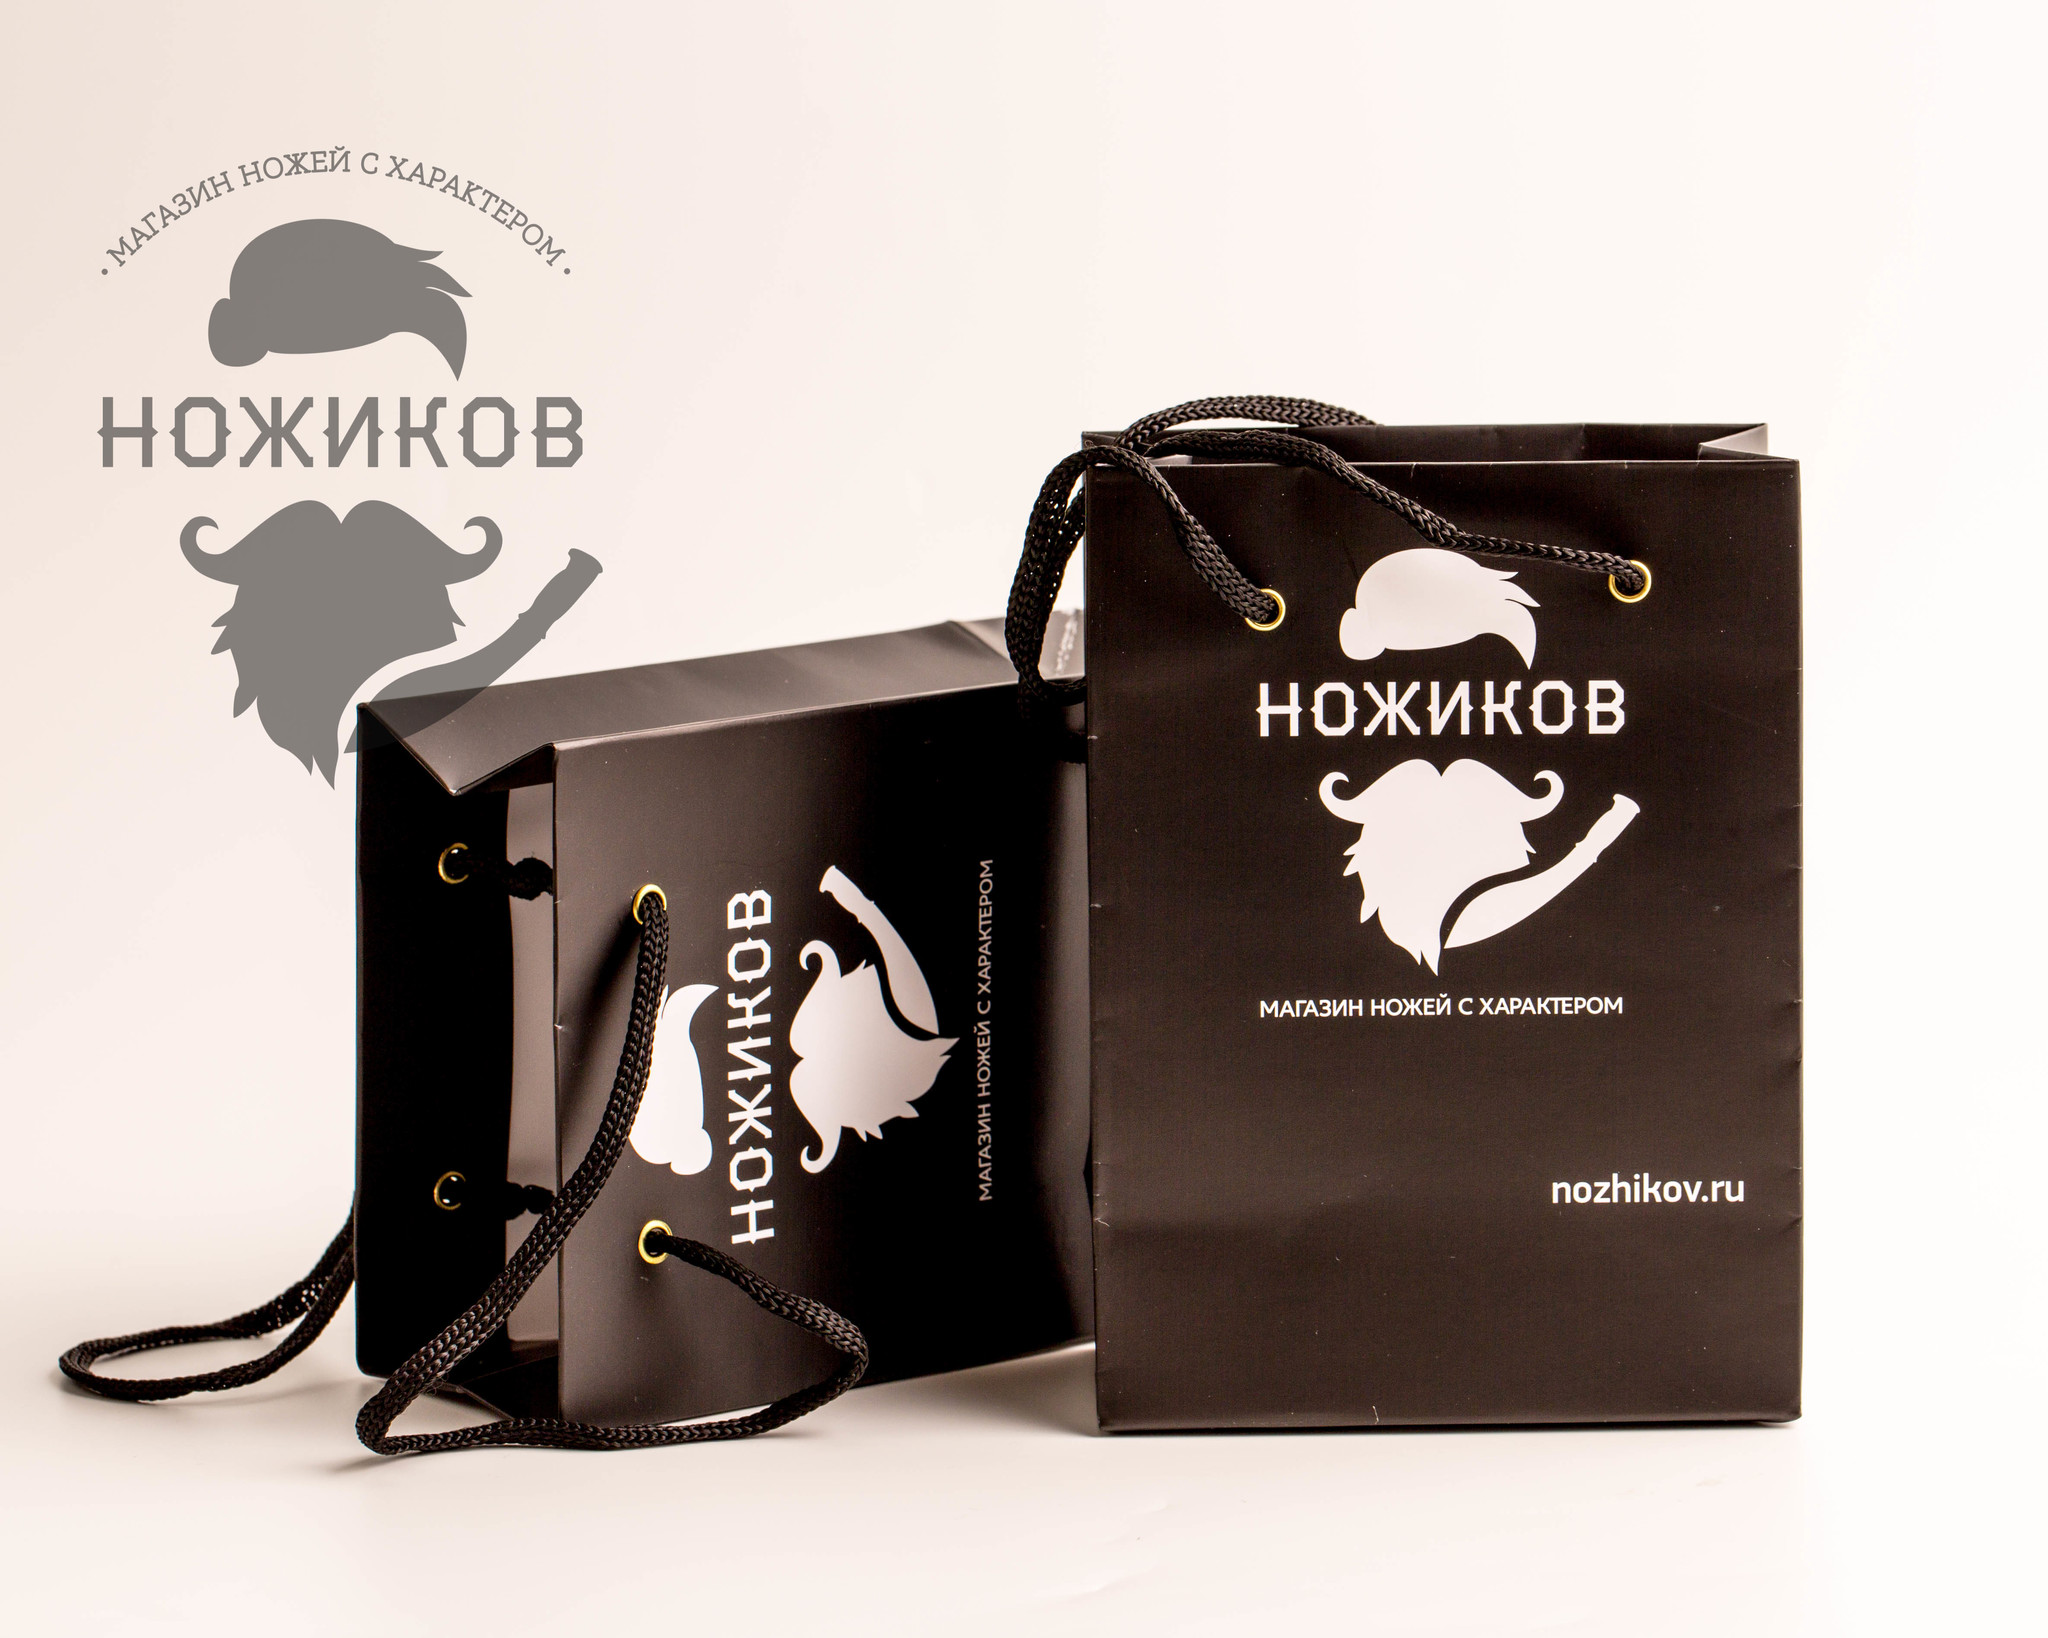 Фото 8 - Подарочный пакет для складного ножа от Nozhikov